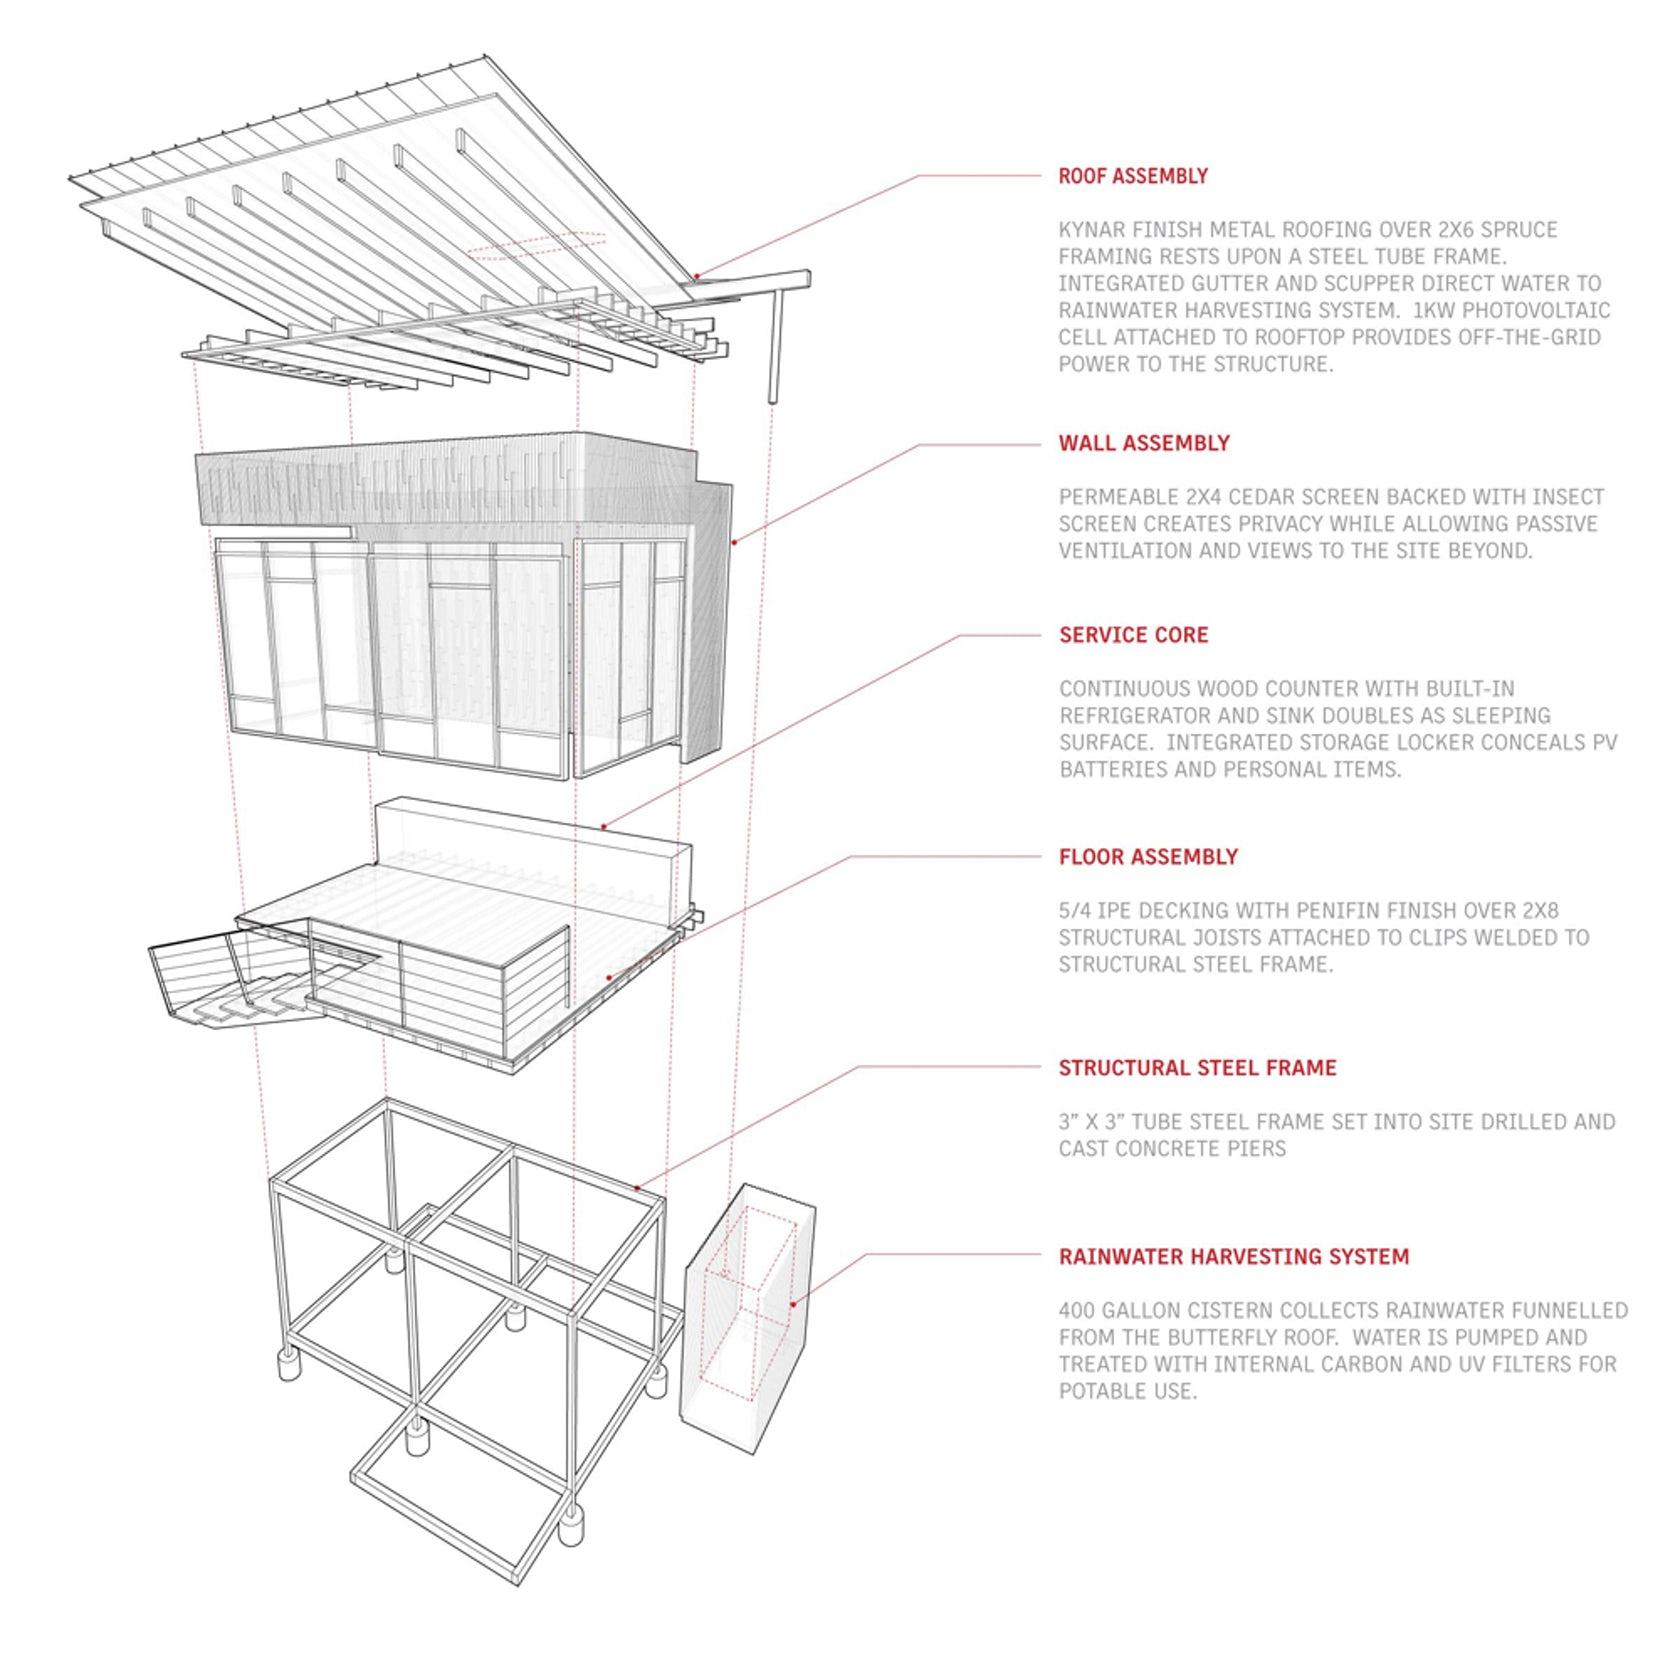 Let It Pour 8 Architectural Details To Harvest Rainwater